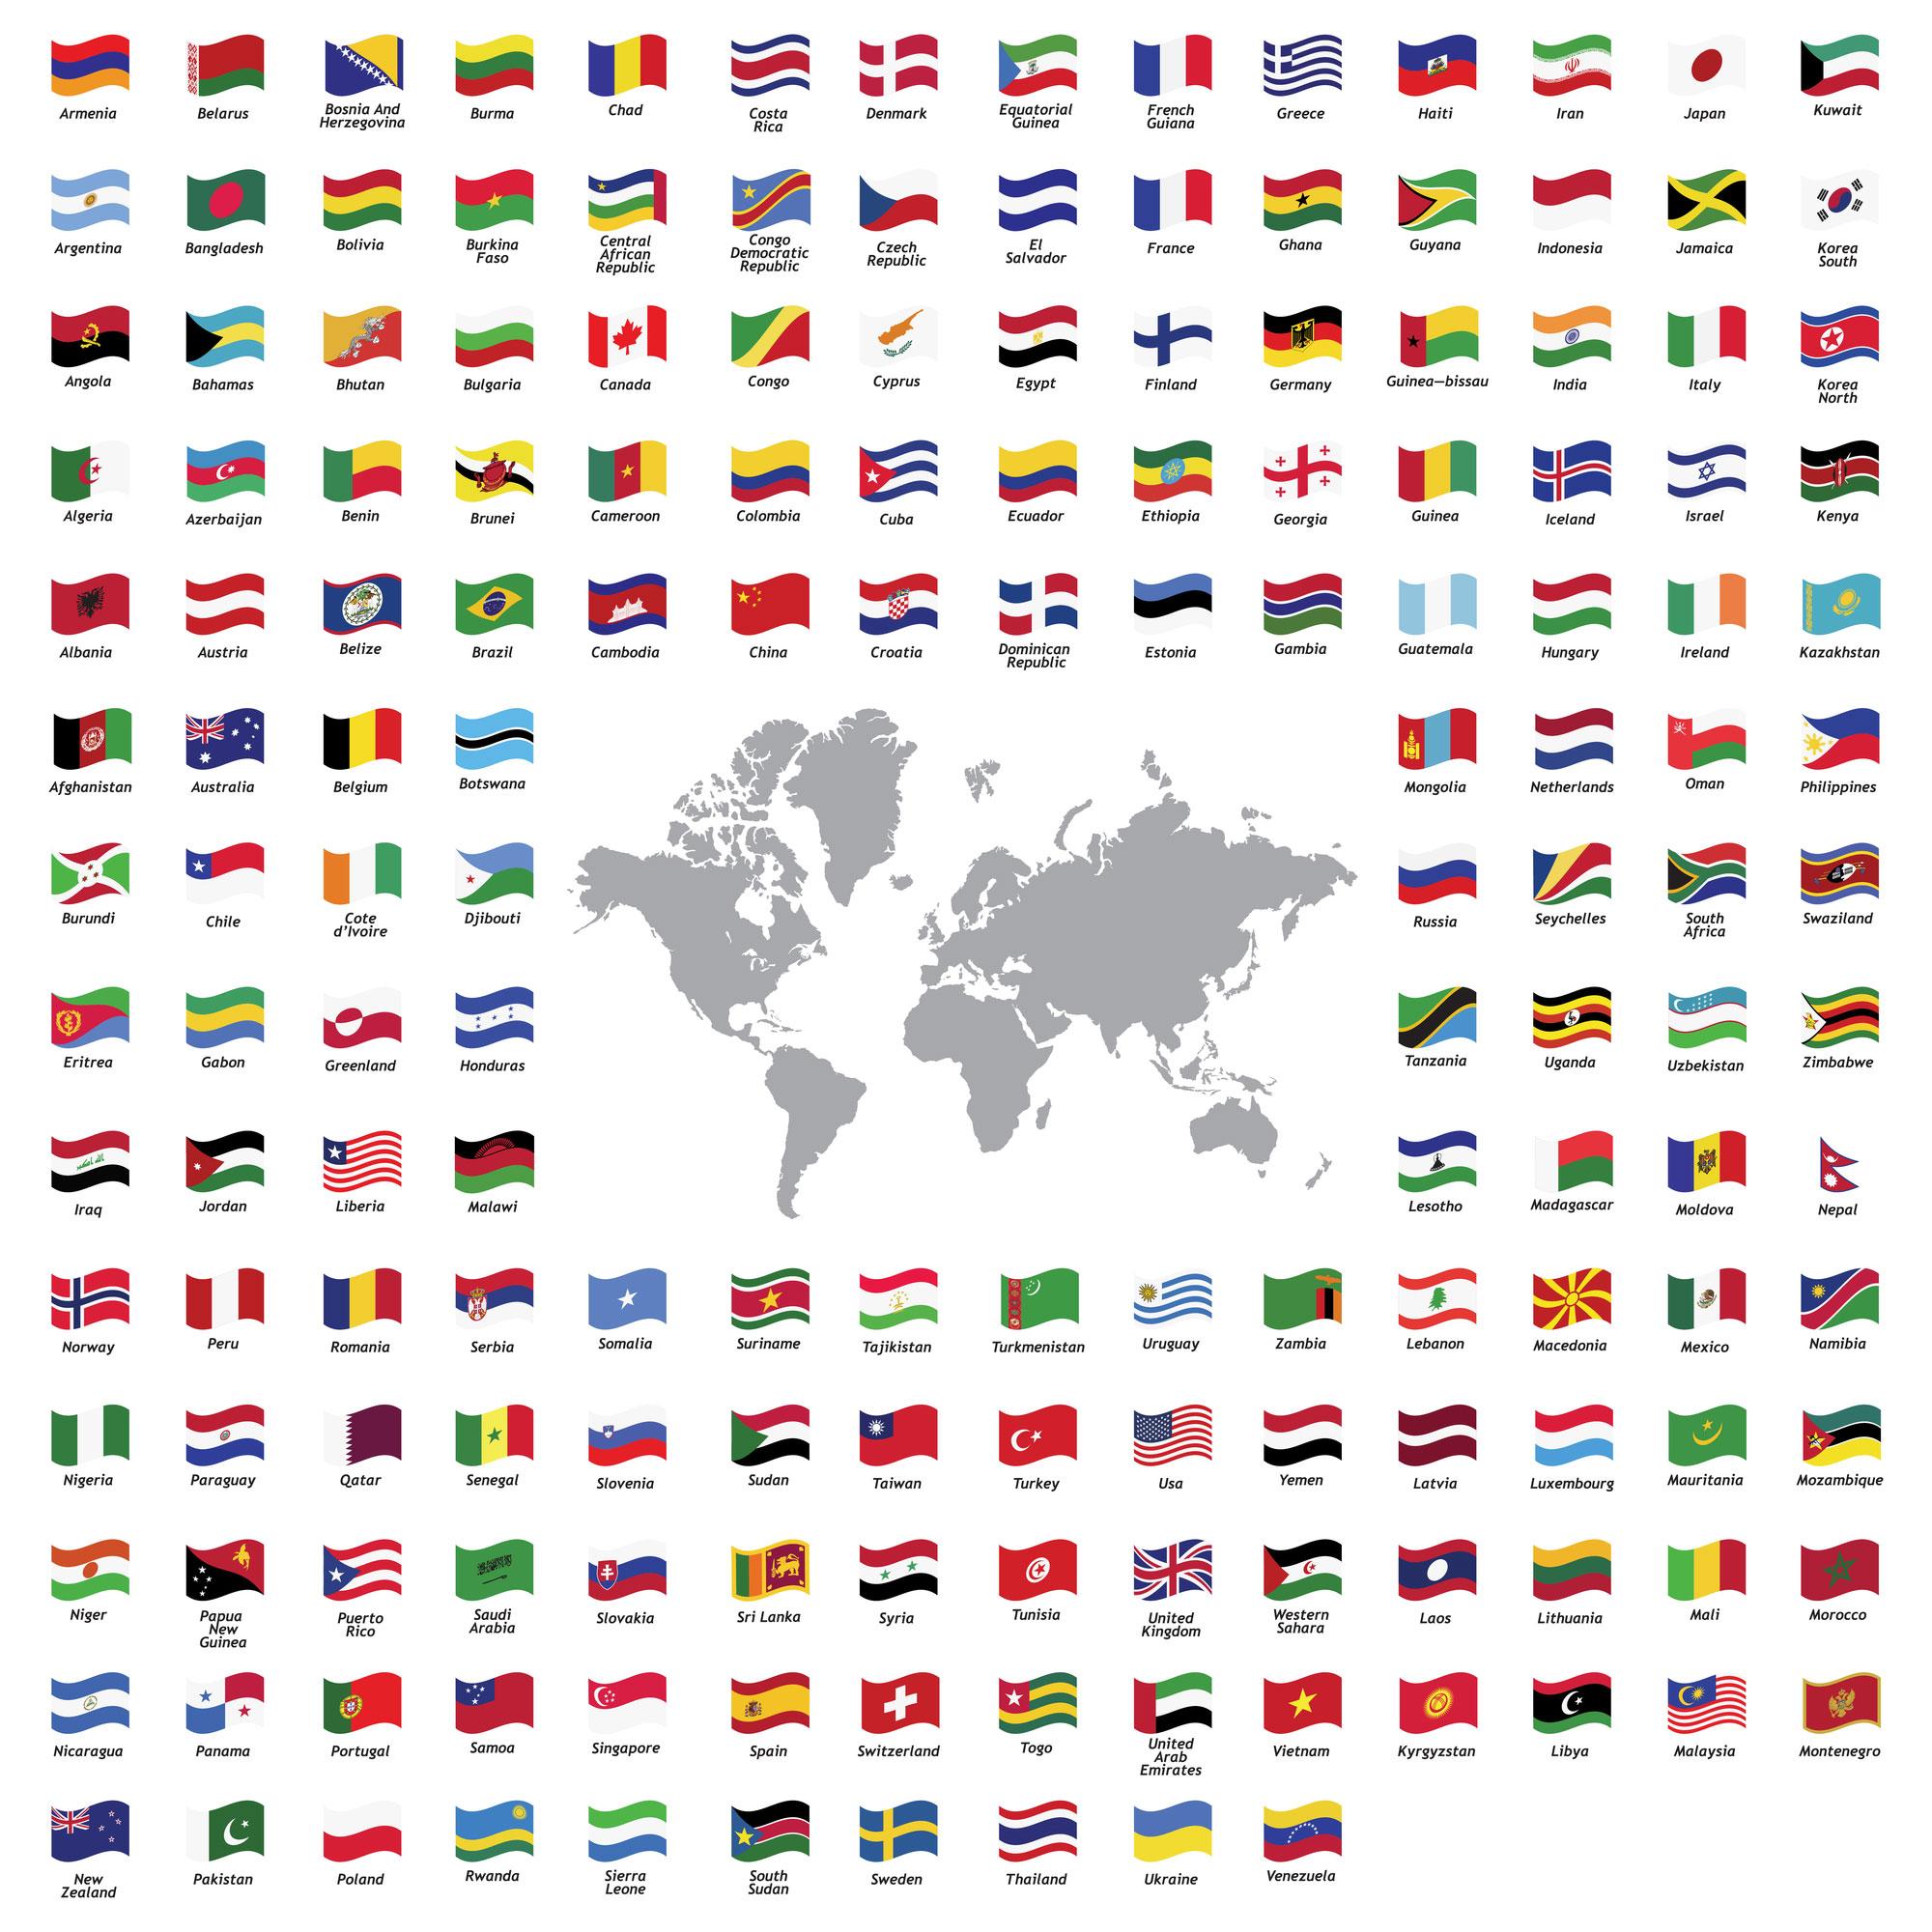 image-carte-monde-evenement-thematique_crw